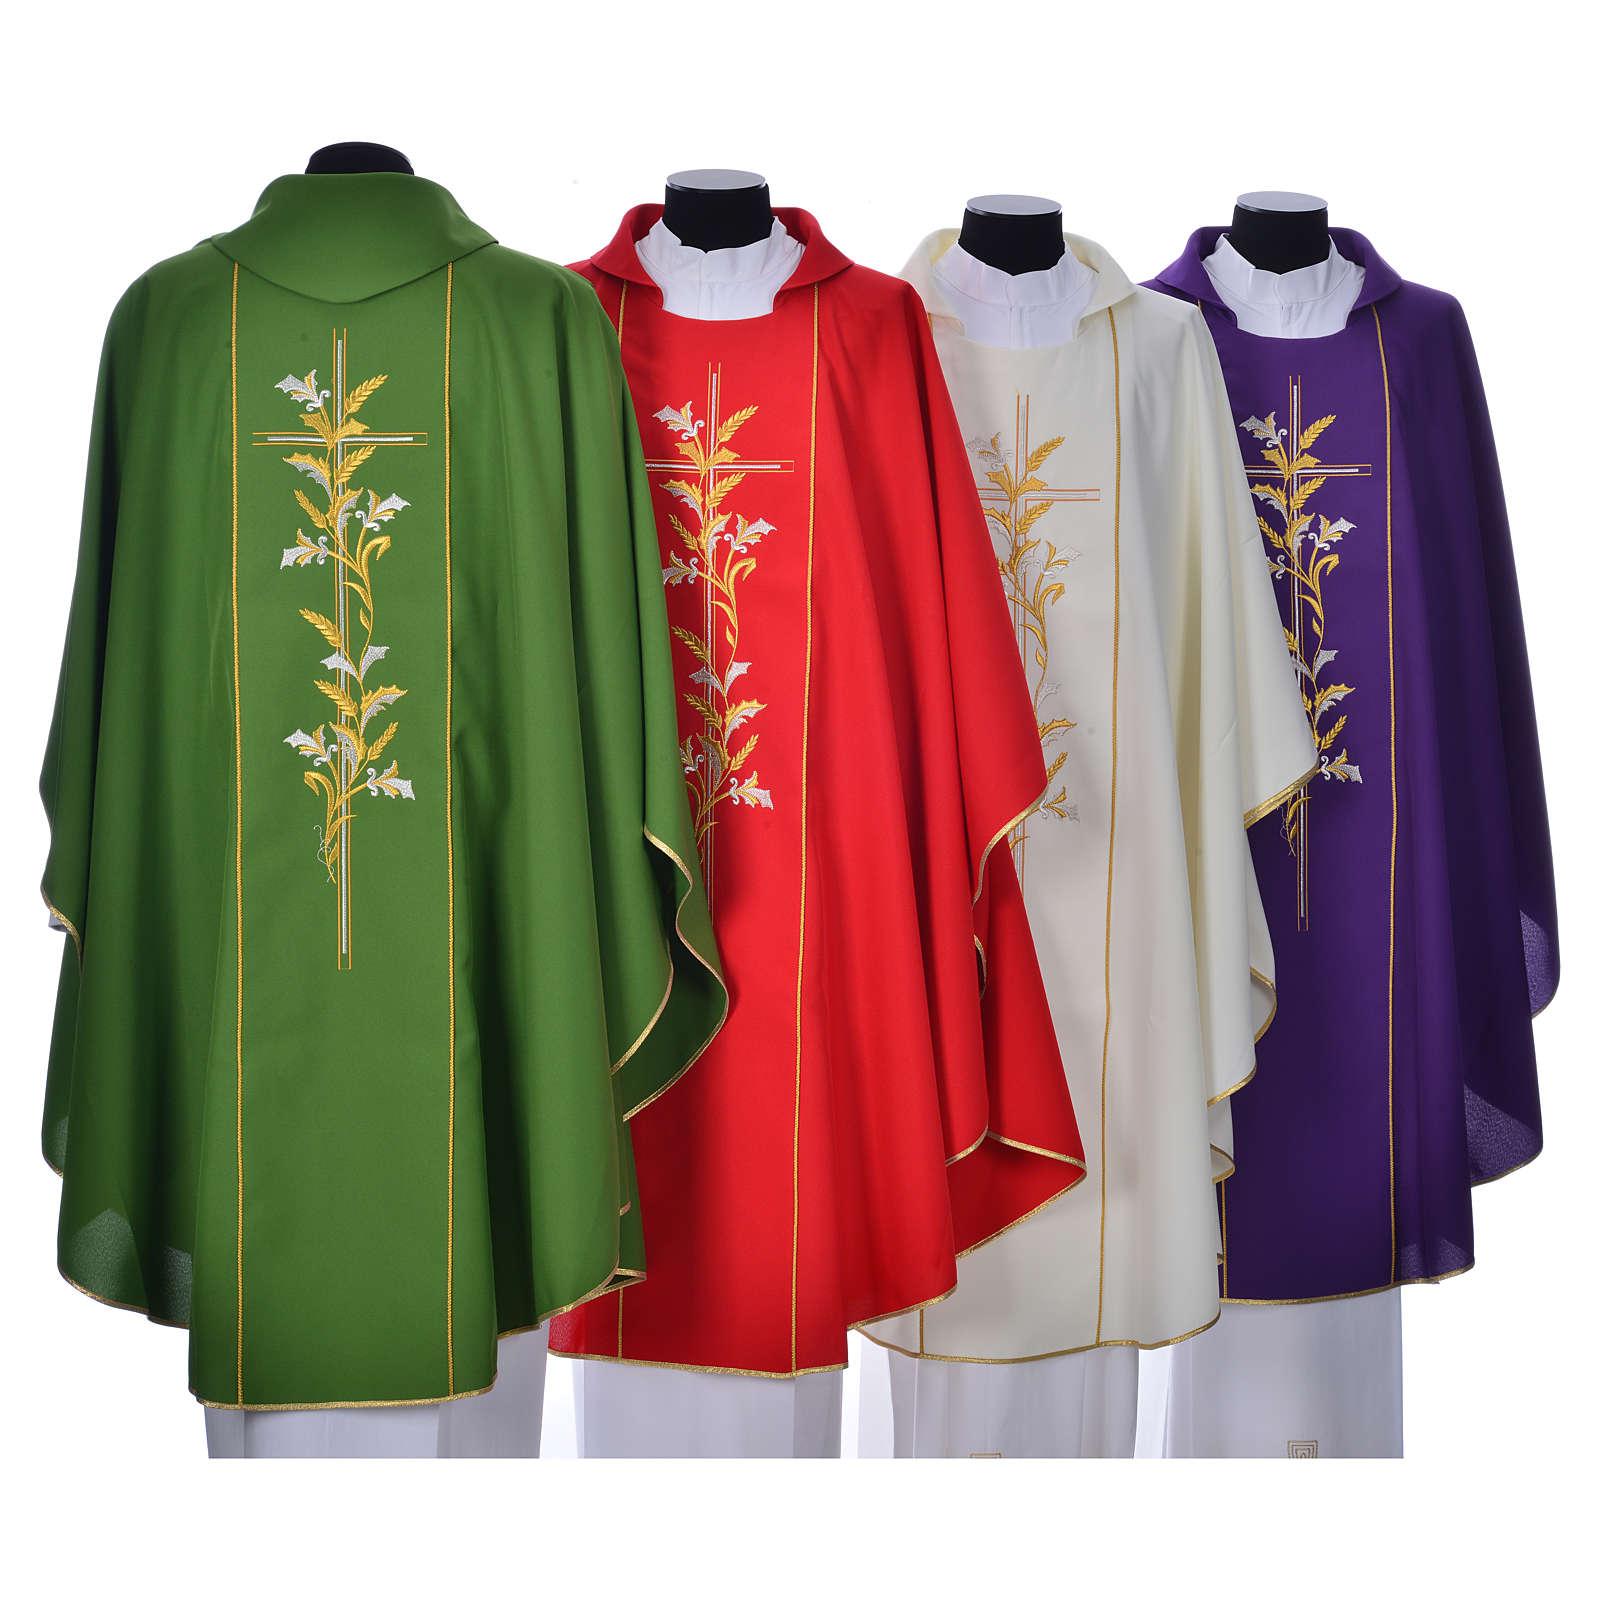 Casula sacerdotale 100% poliestere croce gigli 4